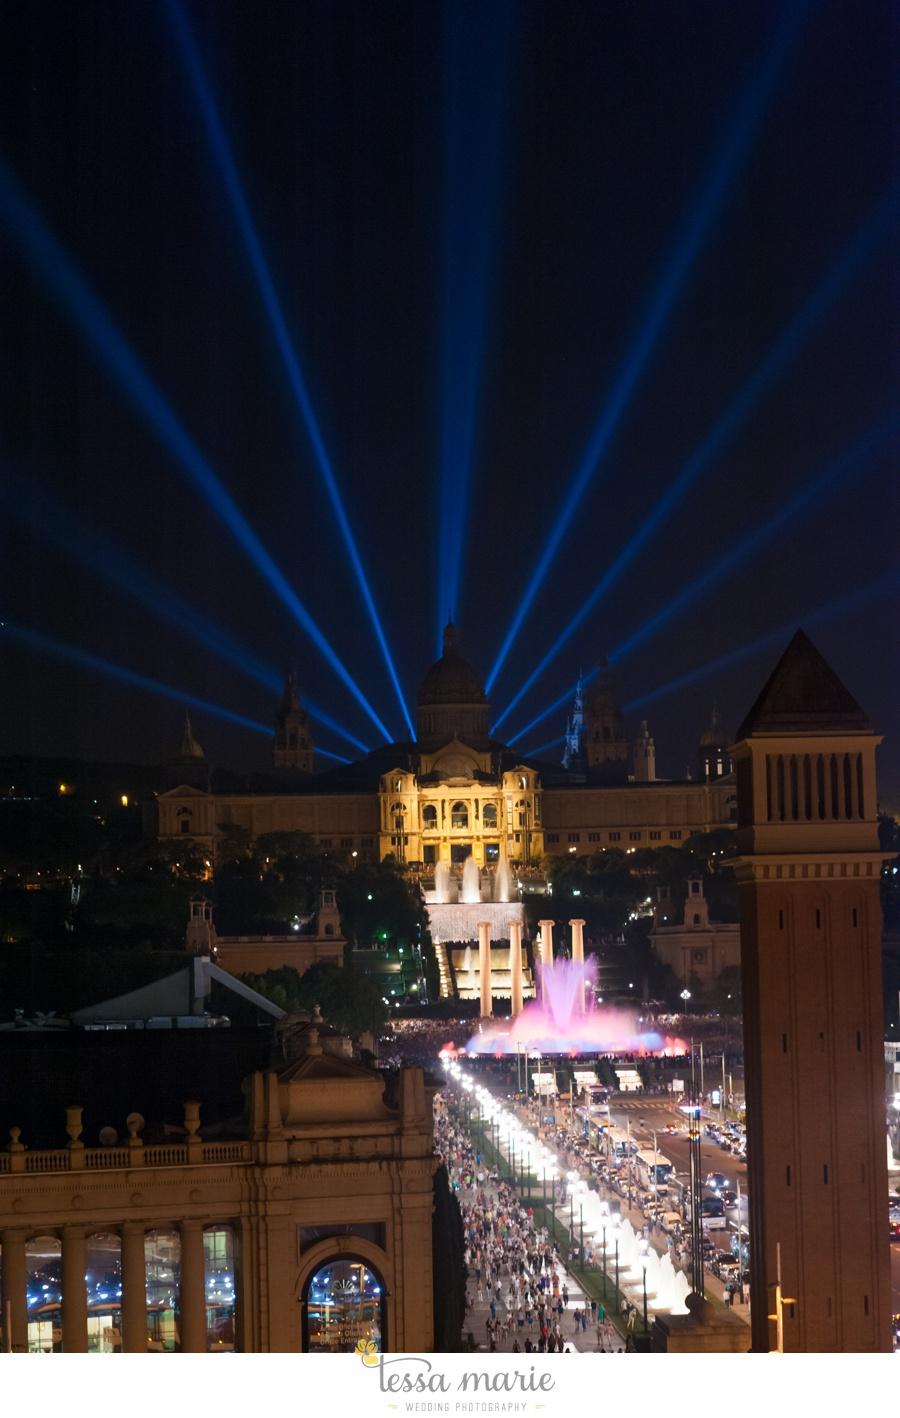 barcelona_destination_wedding_photographer_landscape_imagery_spain_fine_art_european_landscape_details_0081